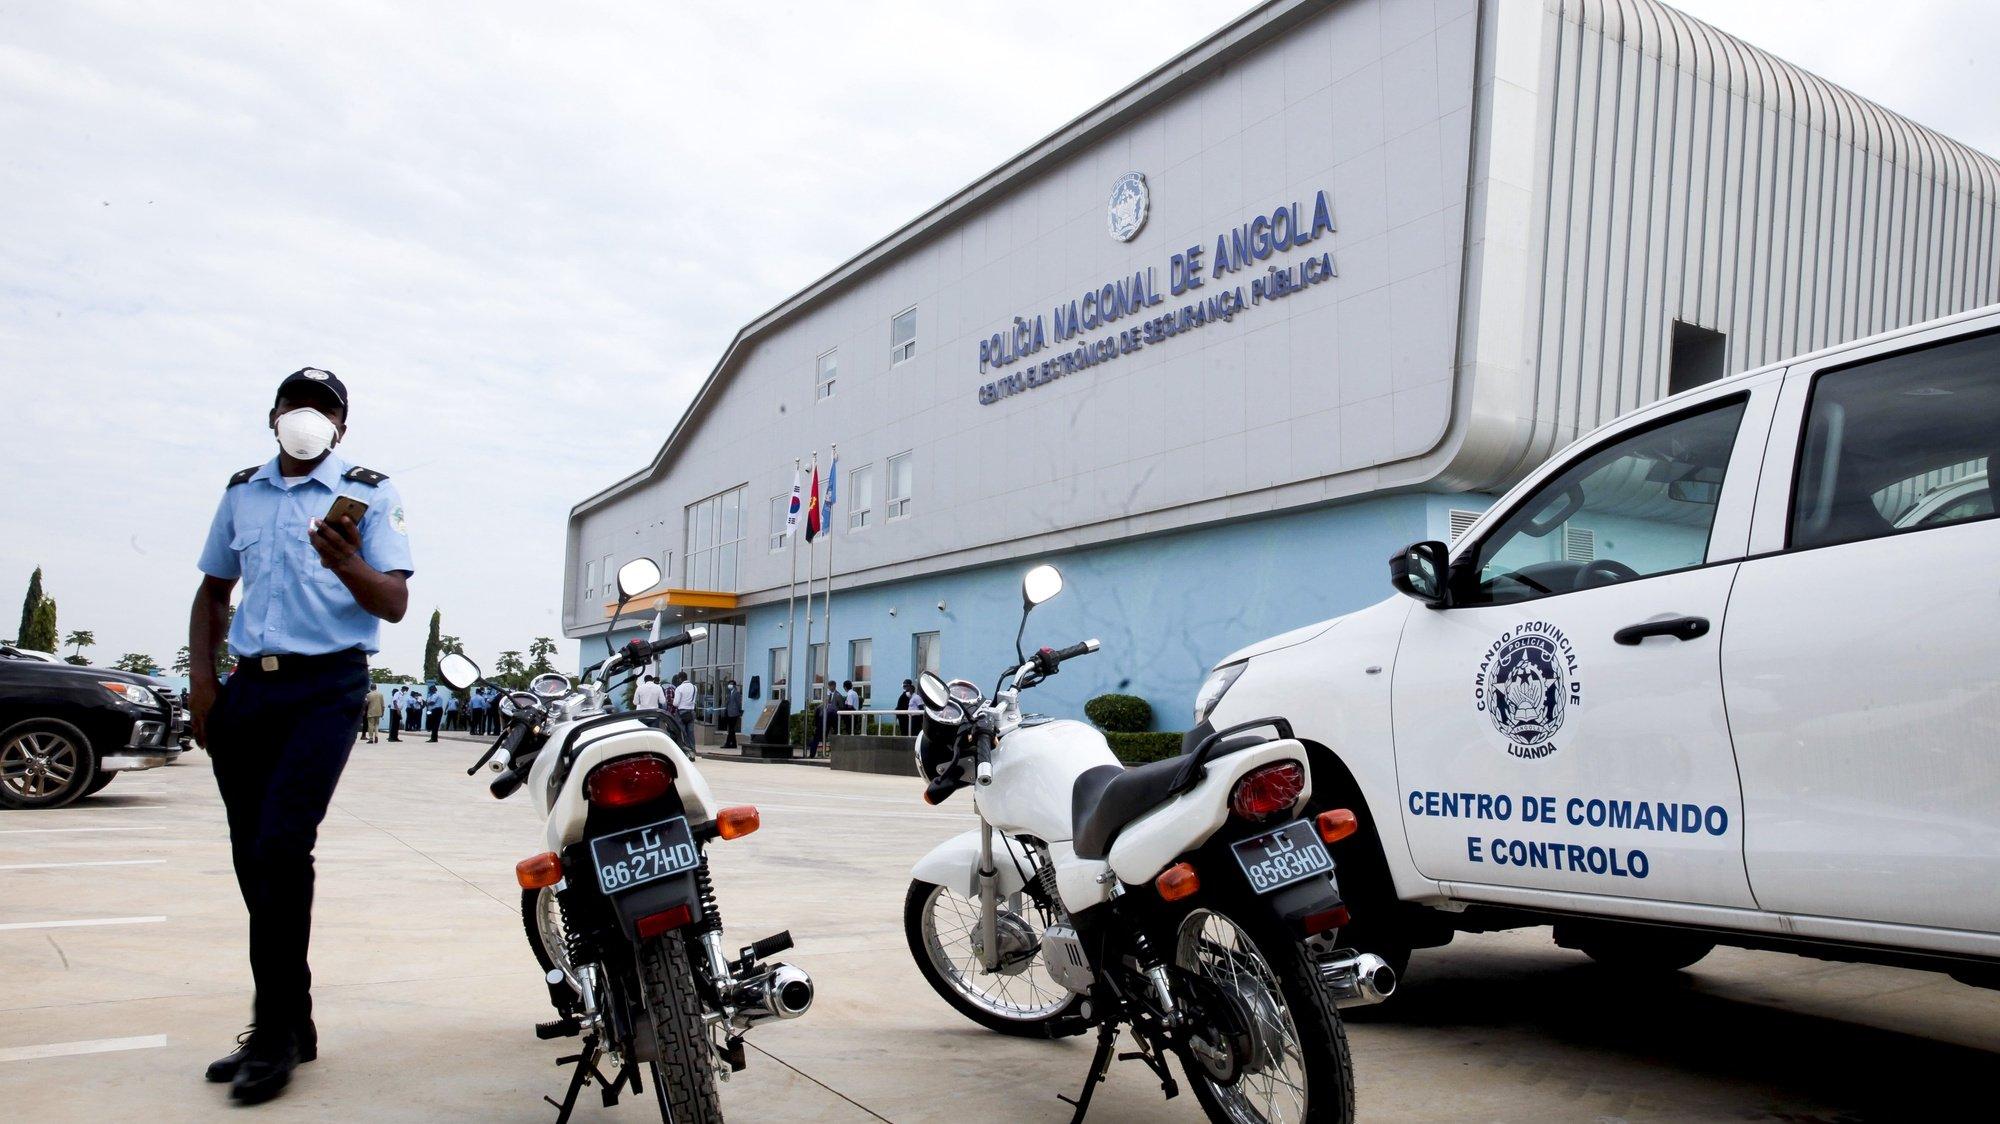 Centro Eletrónico de Seguraça Pública (CESP) da Polícia  Nacional de Angola, hoje inaugurado em Luanda, 6 de maio de 2020. A capital angolana tem a partir de hoje um Centro de Segurança Pública (CESP), com um sistema de videovigilância de mais de 200 câmaras, para reforçar a segurança pública. AMPE ROGÉRIO/LUSA